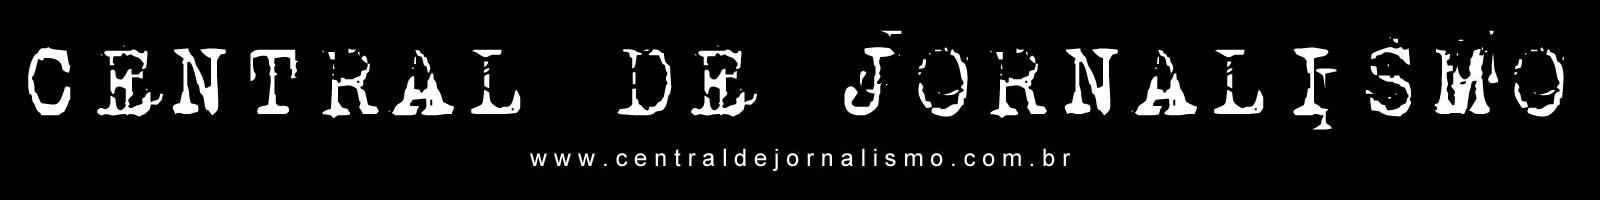 Central de Jornalismo